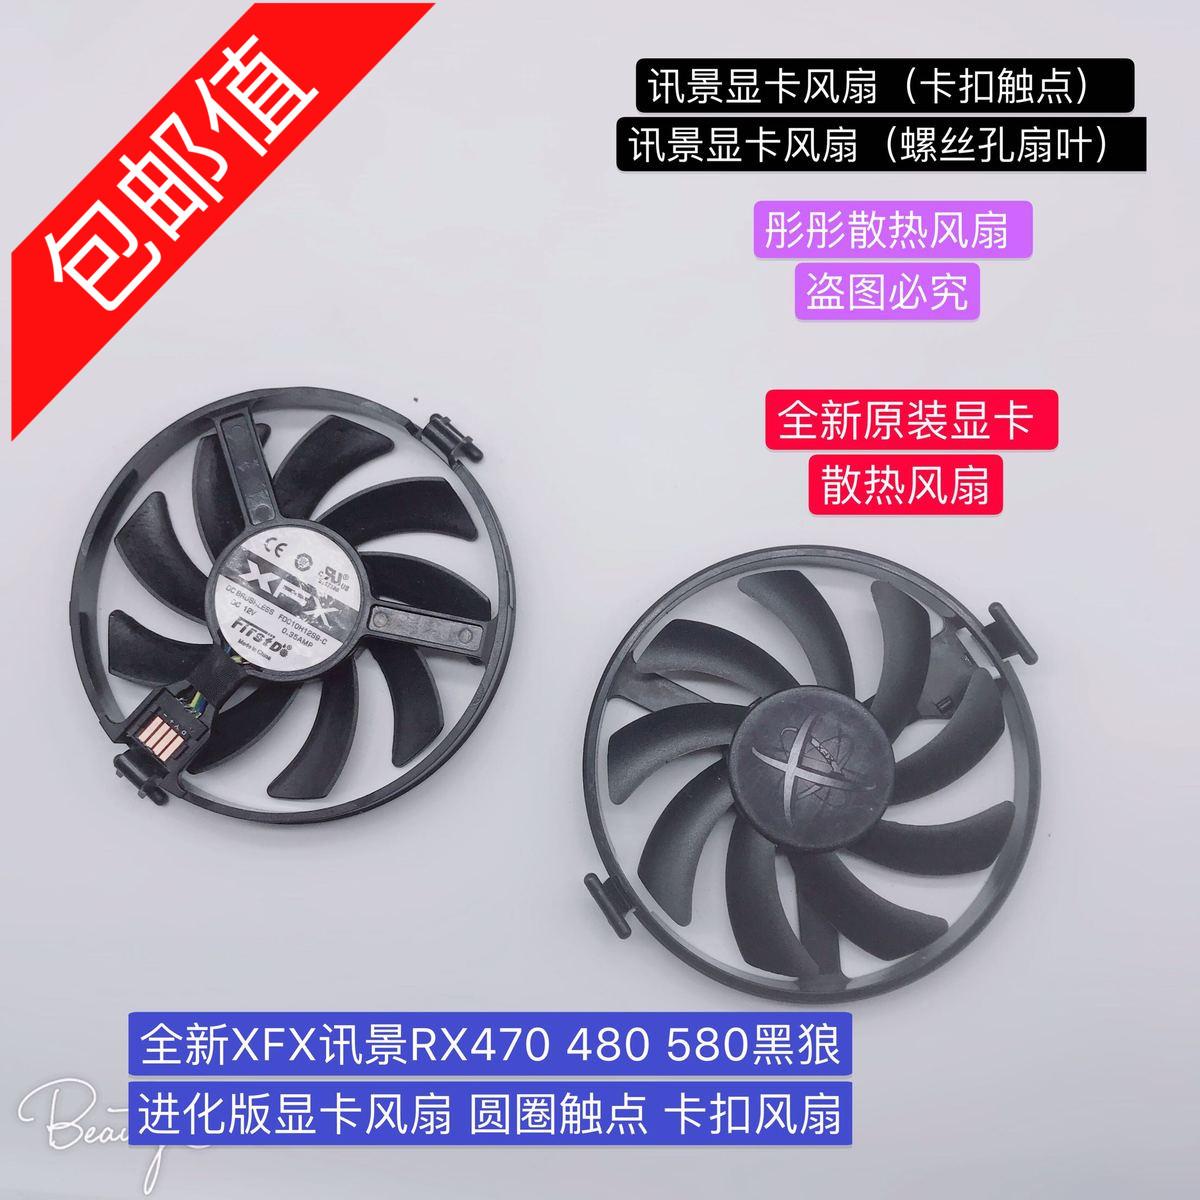 XFX訊景顯卡風扇RX470 RX480 RX 570 RX580黑狼進化版顯卡風扇